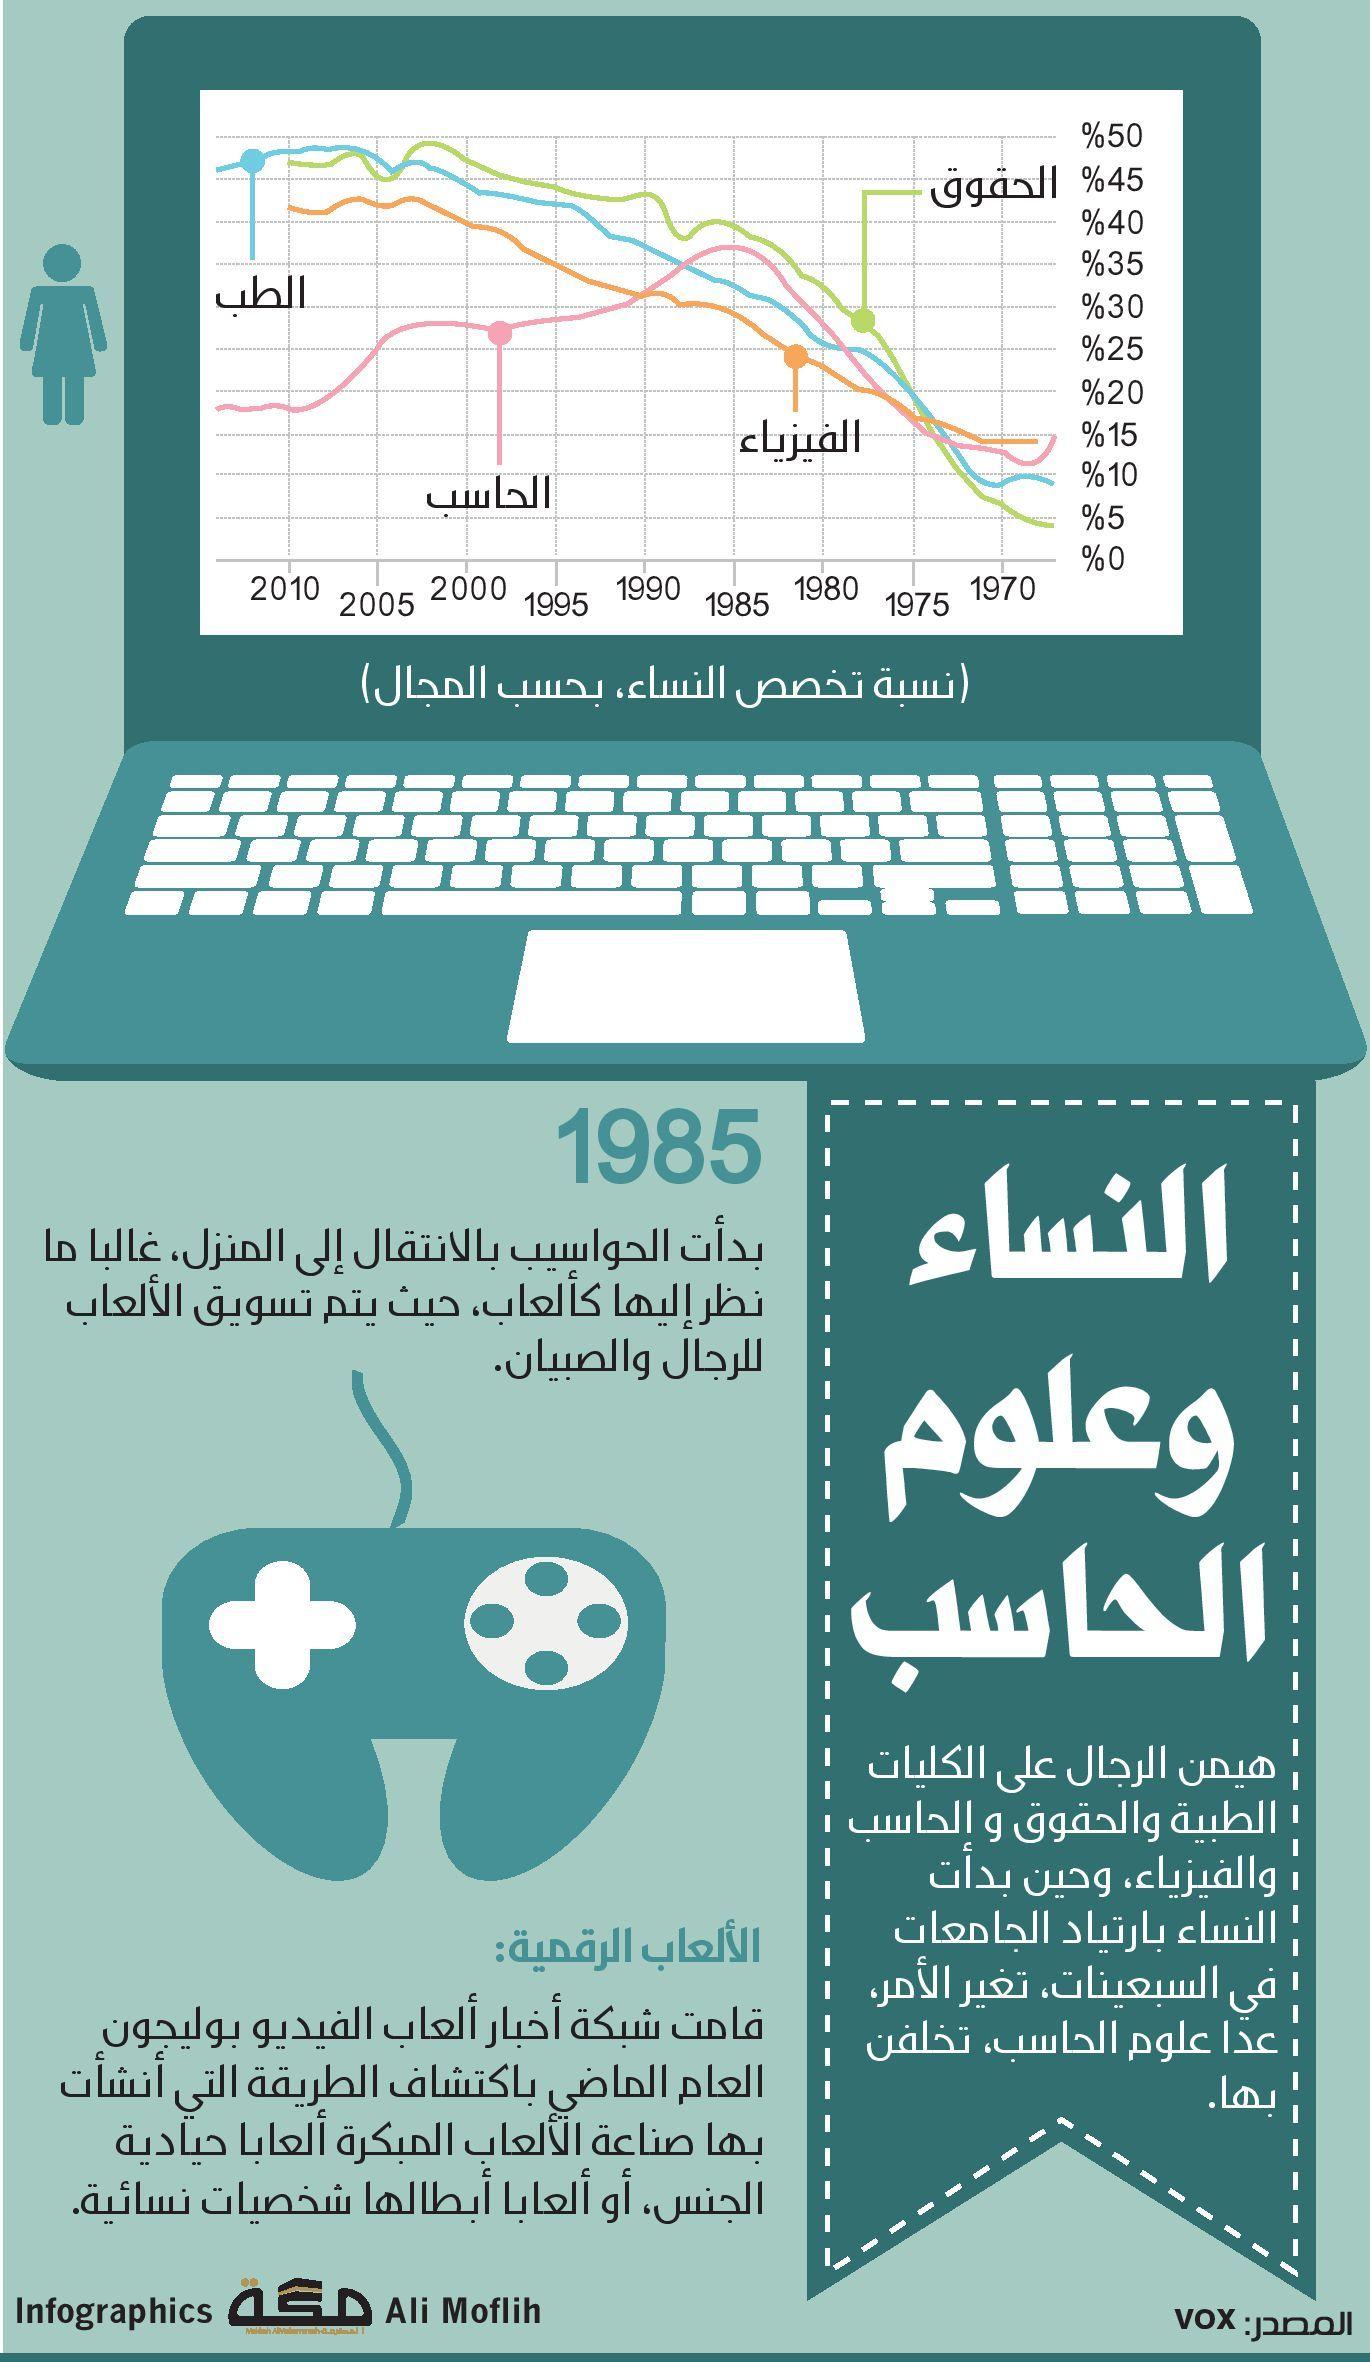 النساء وعلوم الحاسب صحيفة مكة انفوجرافيك مجتمع Infographic Positivity Map Screenshot